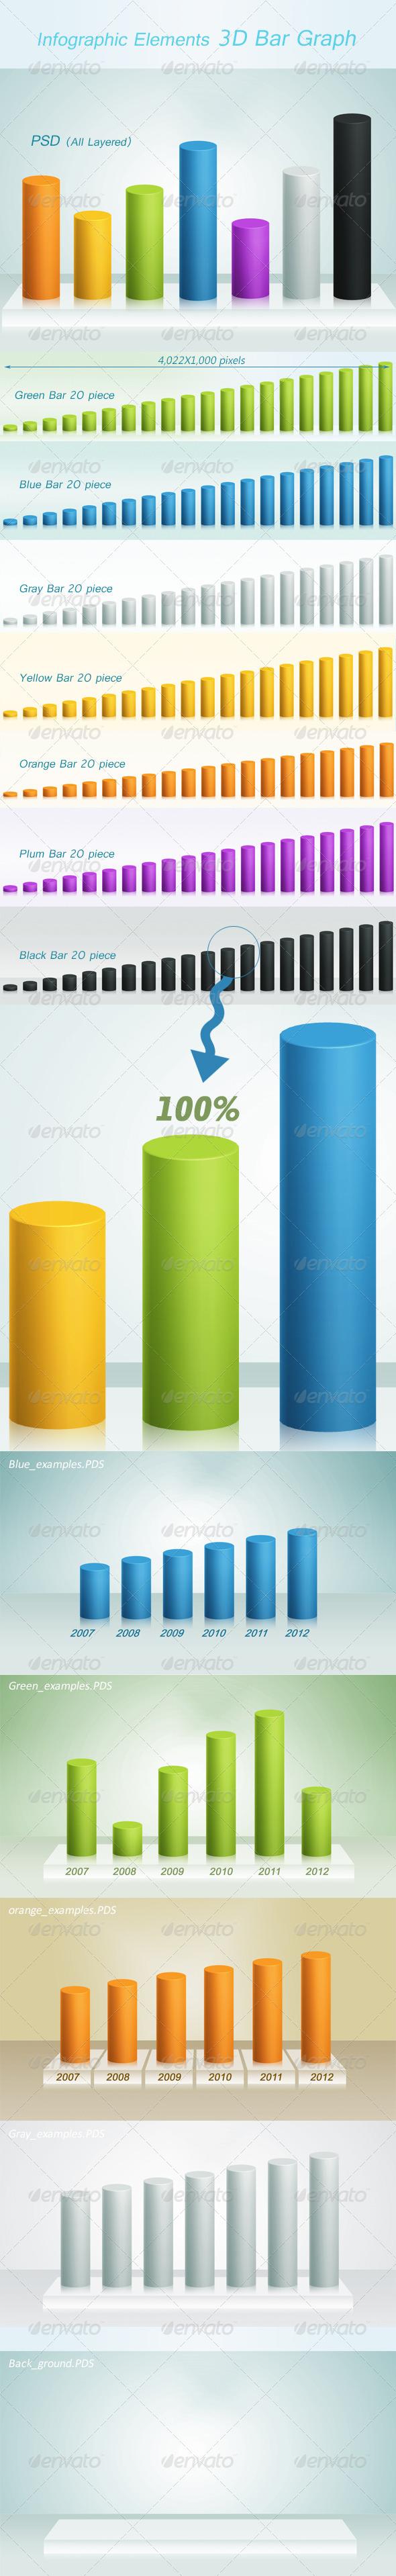 3D Bar Graph - Infographics